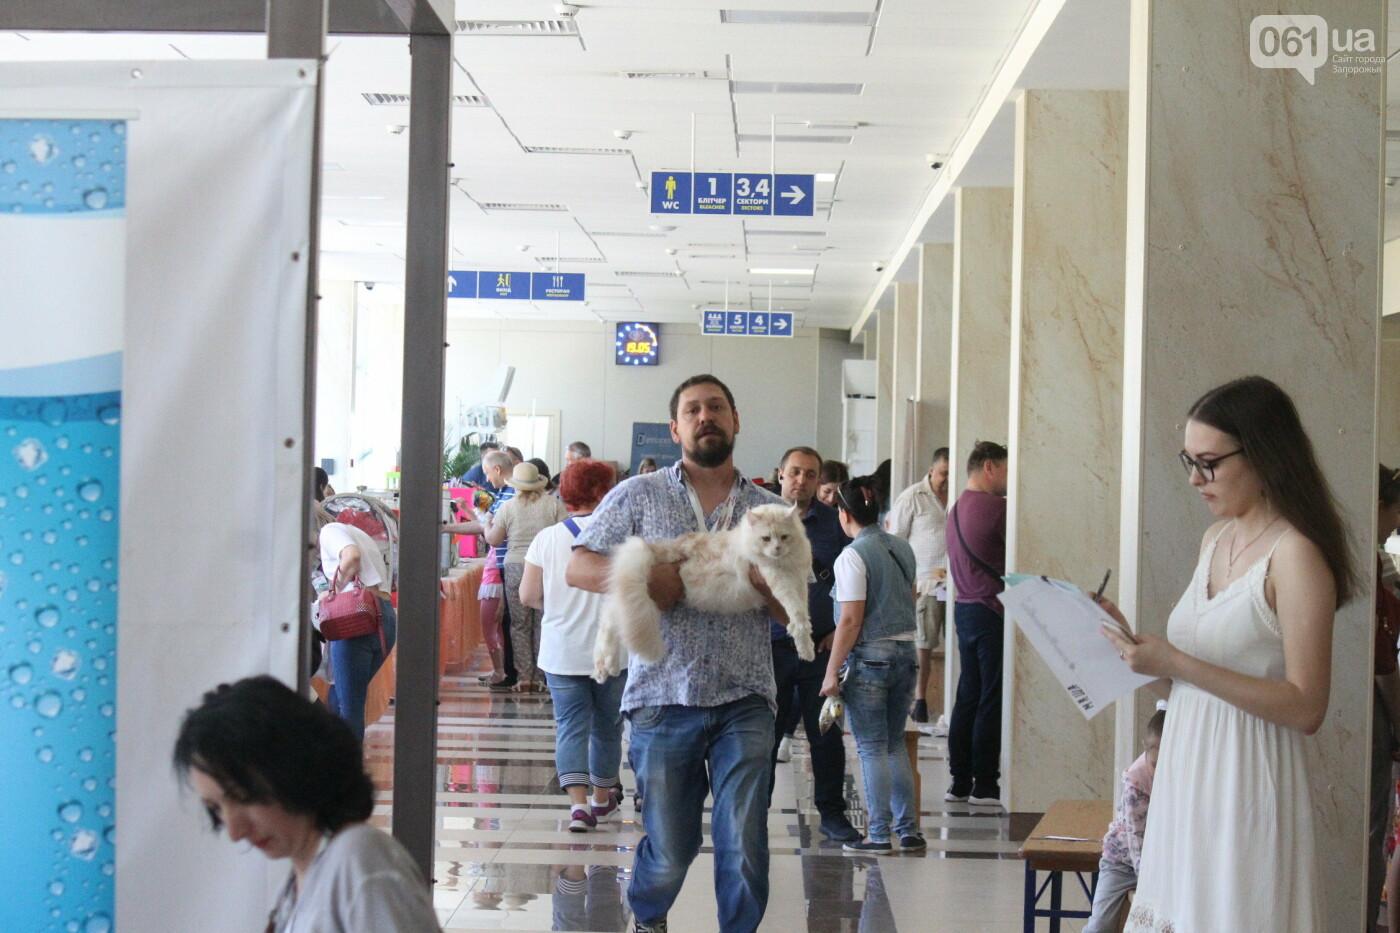 В Запорожье на выставке кошек показали 130 питомцев со всей Украины, – ФОТОРЕПОРТАЖ, фото-17